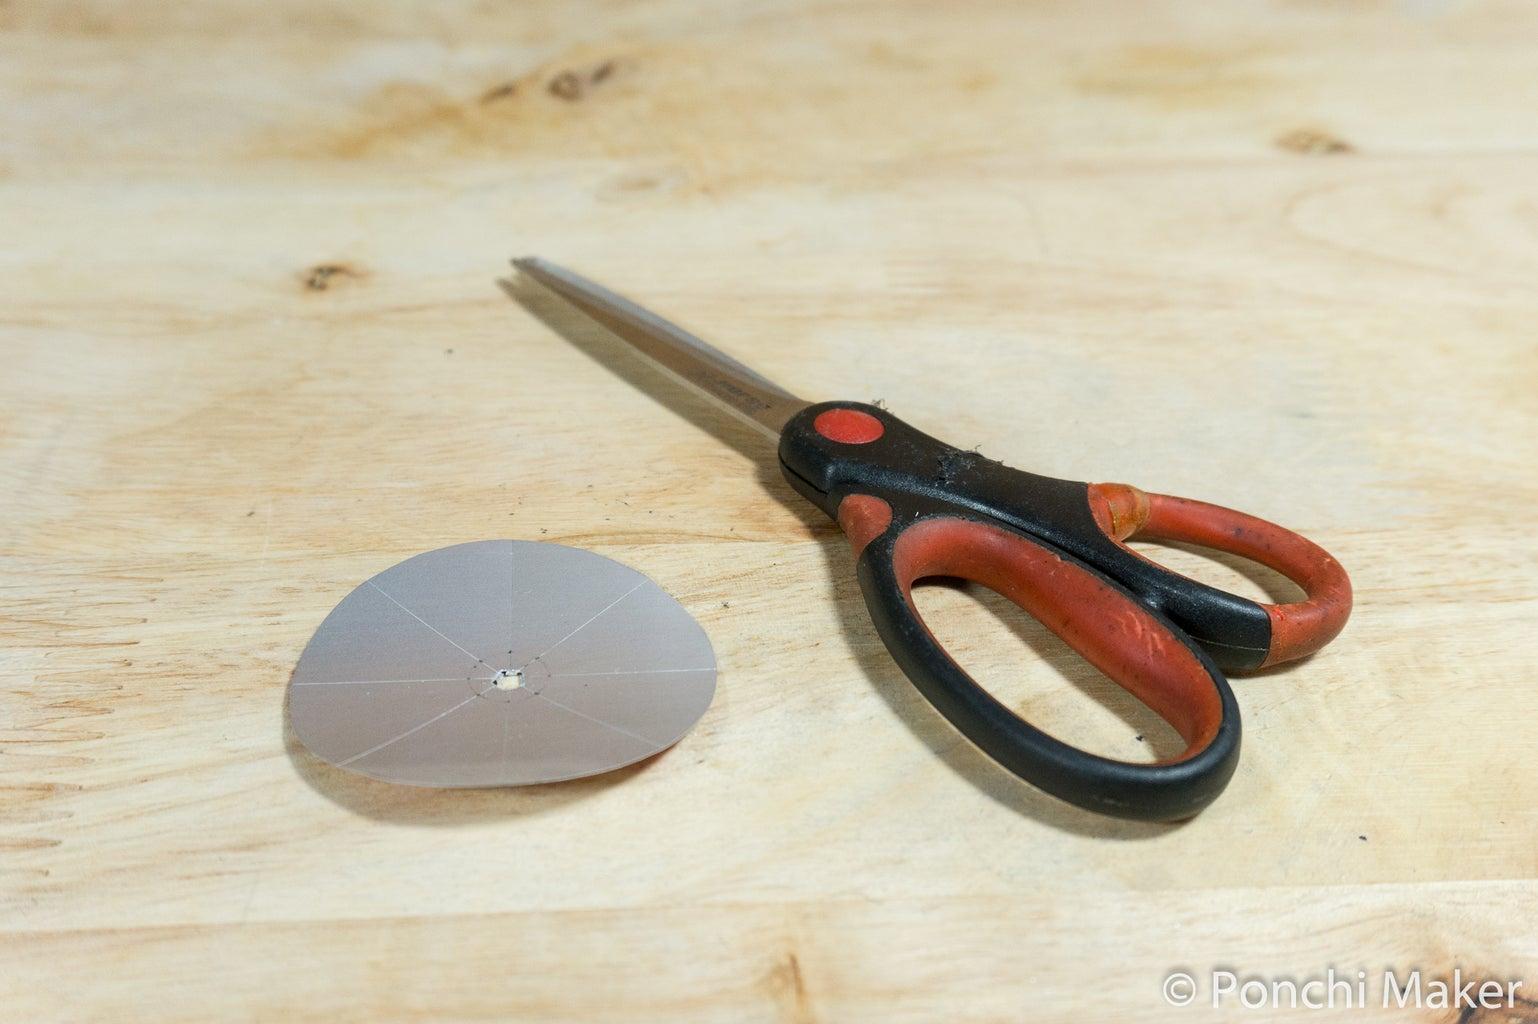 Pierce - Cut - Cut